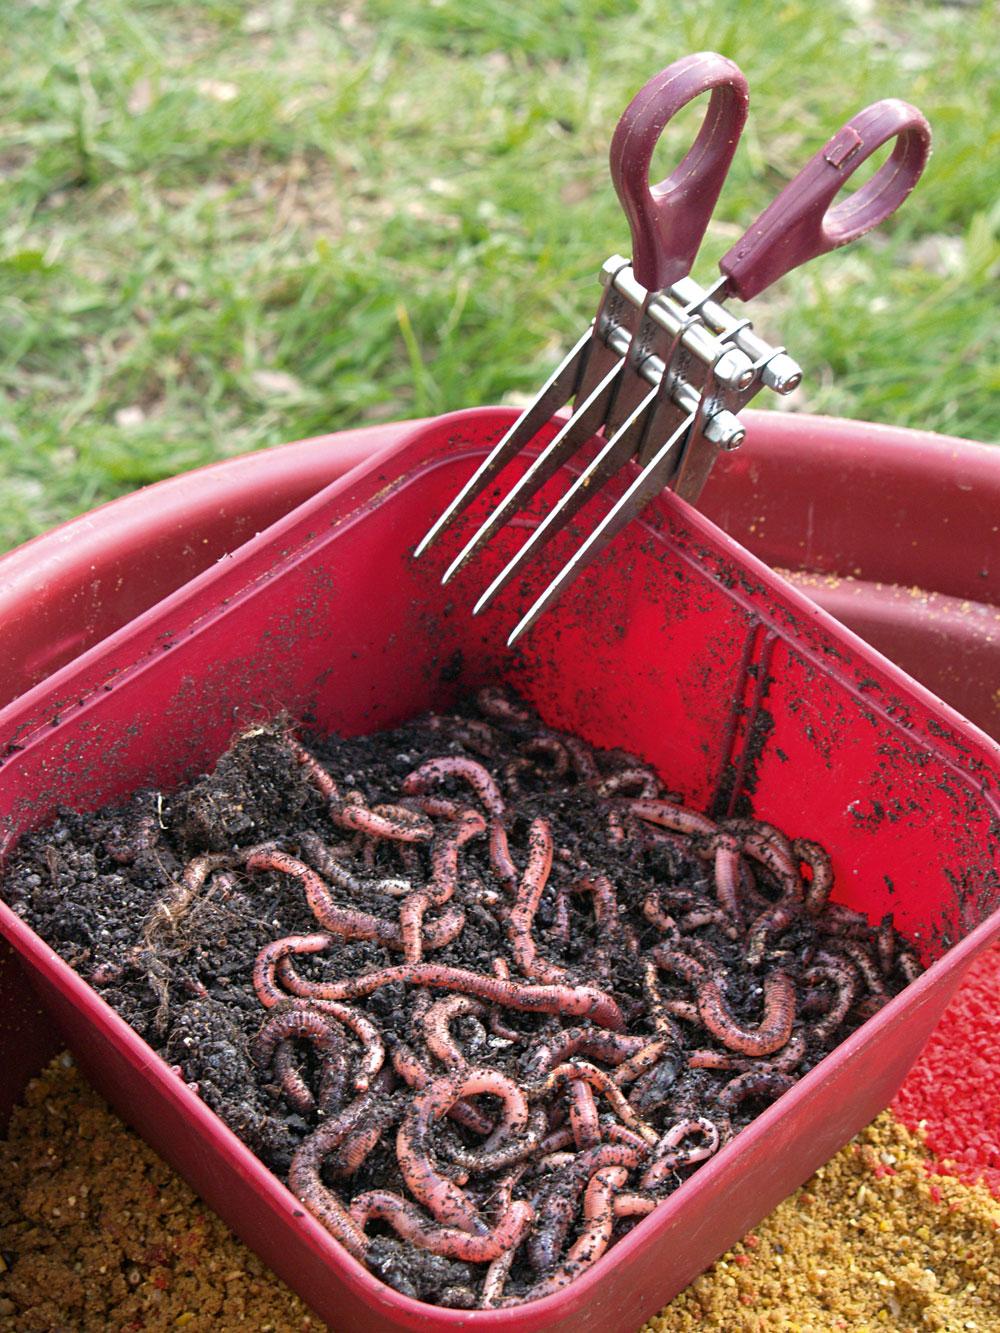 Om de windes een zo afwisselend mogelijke kost aan te bieden, horen maden (boven) en versnipperde wormen (onder) in het lokvoer.1